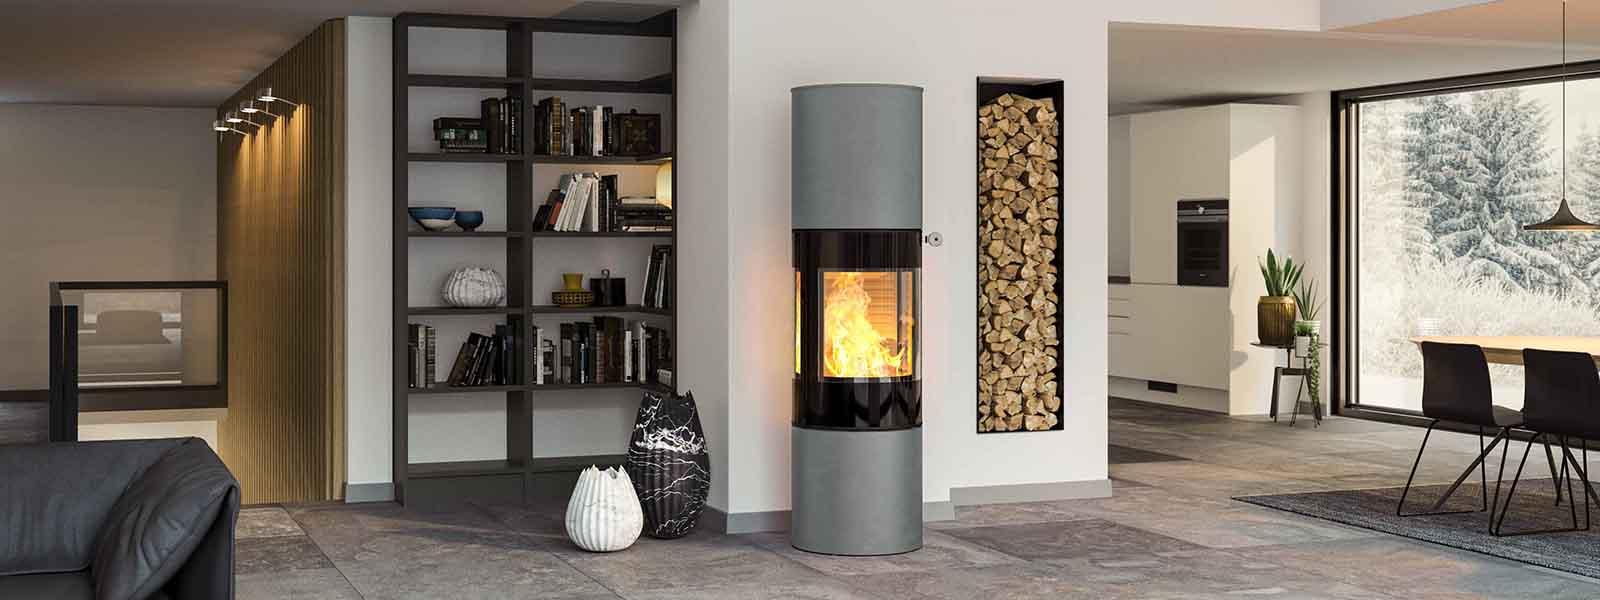 kaminofen viva 160 l vielfache gestaltungsm glichkeiten pr miertes design. Black Bedroom Furniture Sets. Home Design Ideas